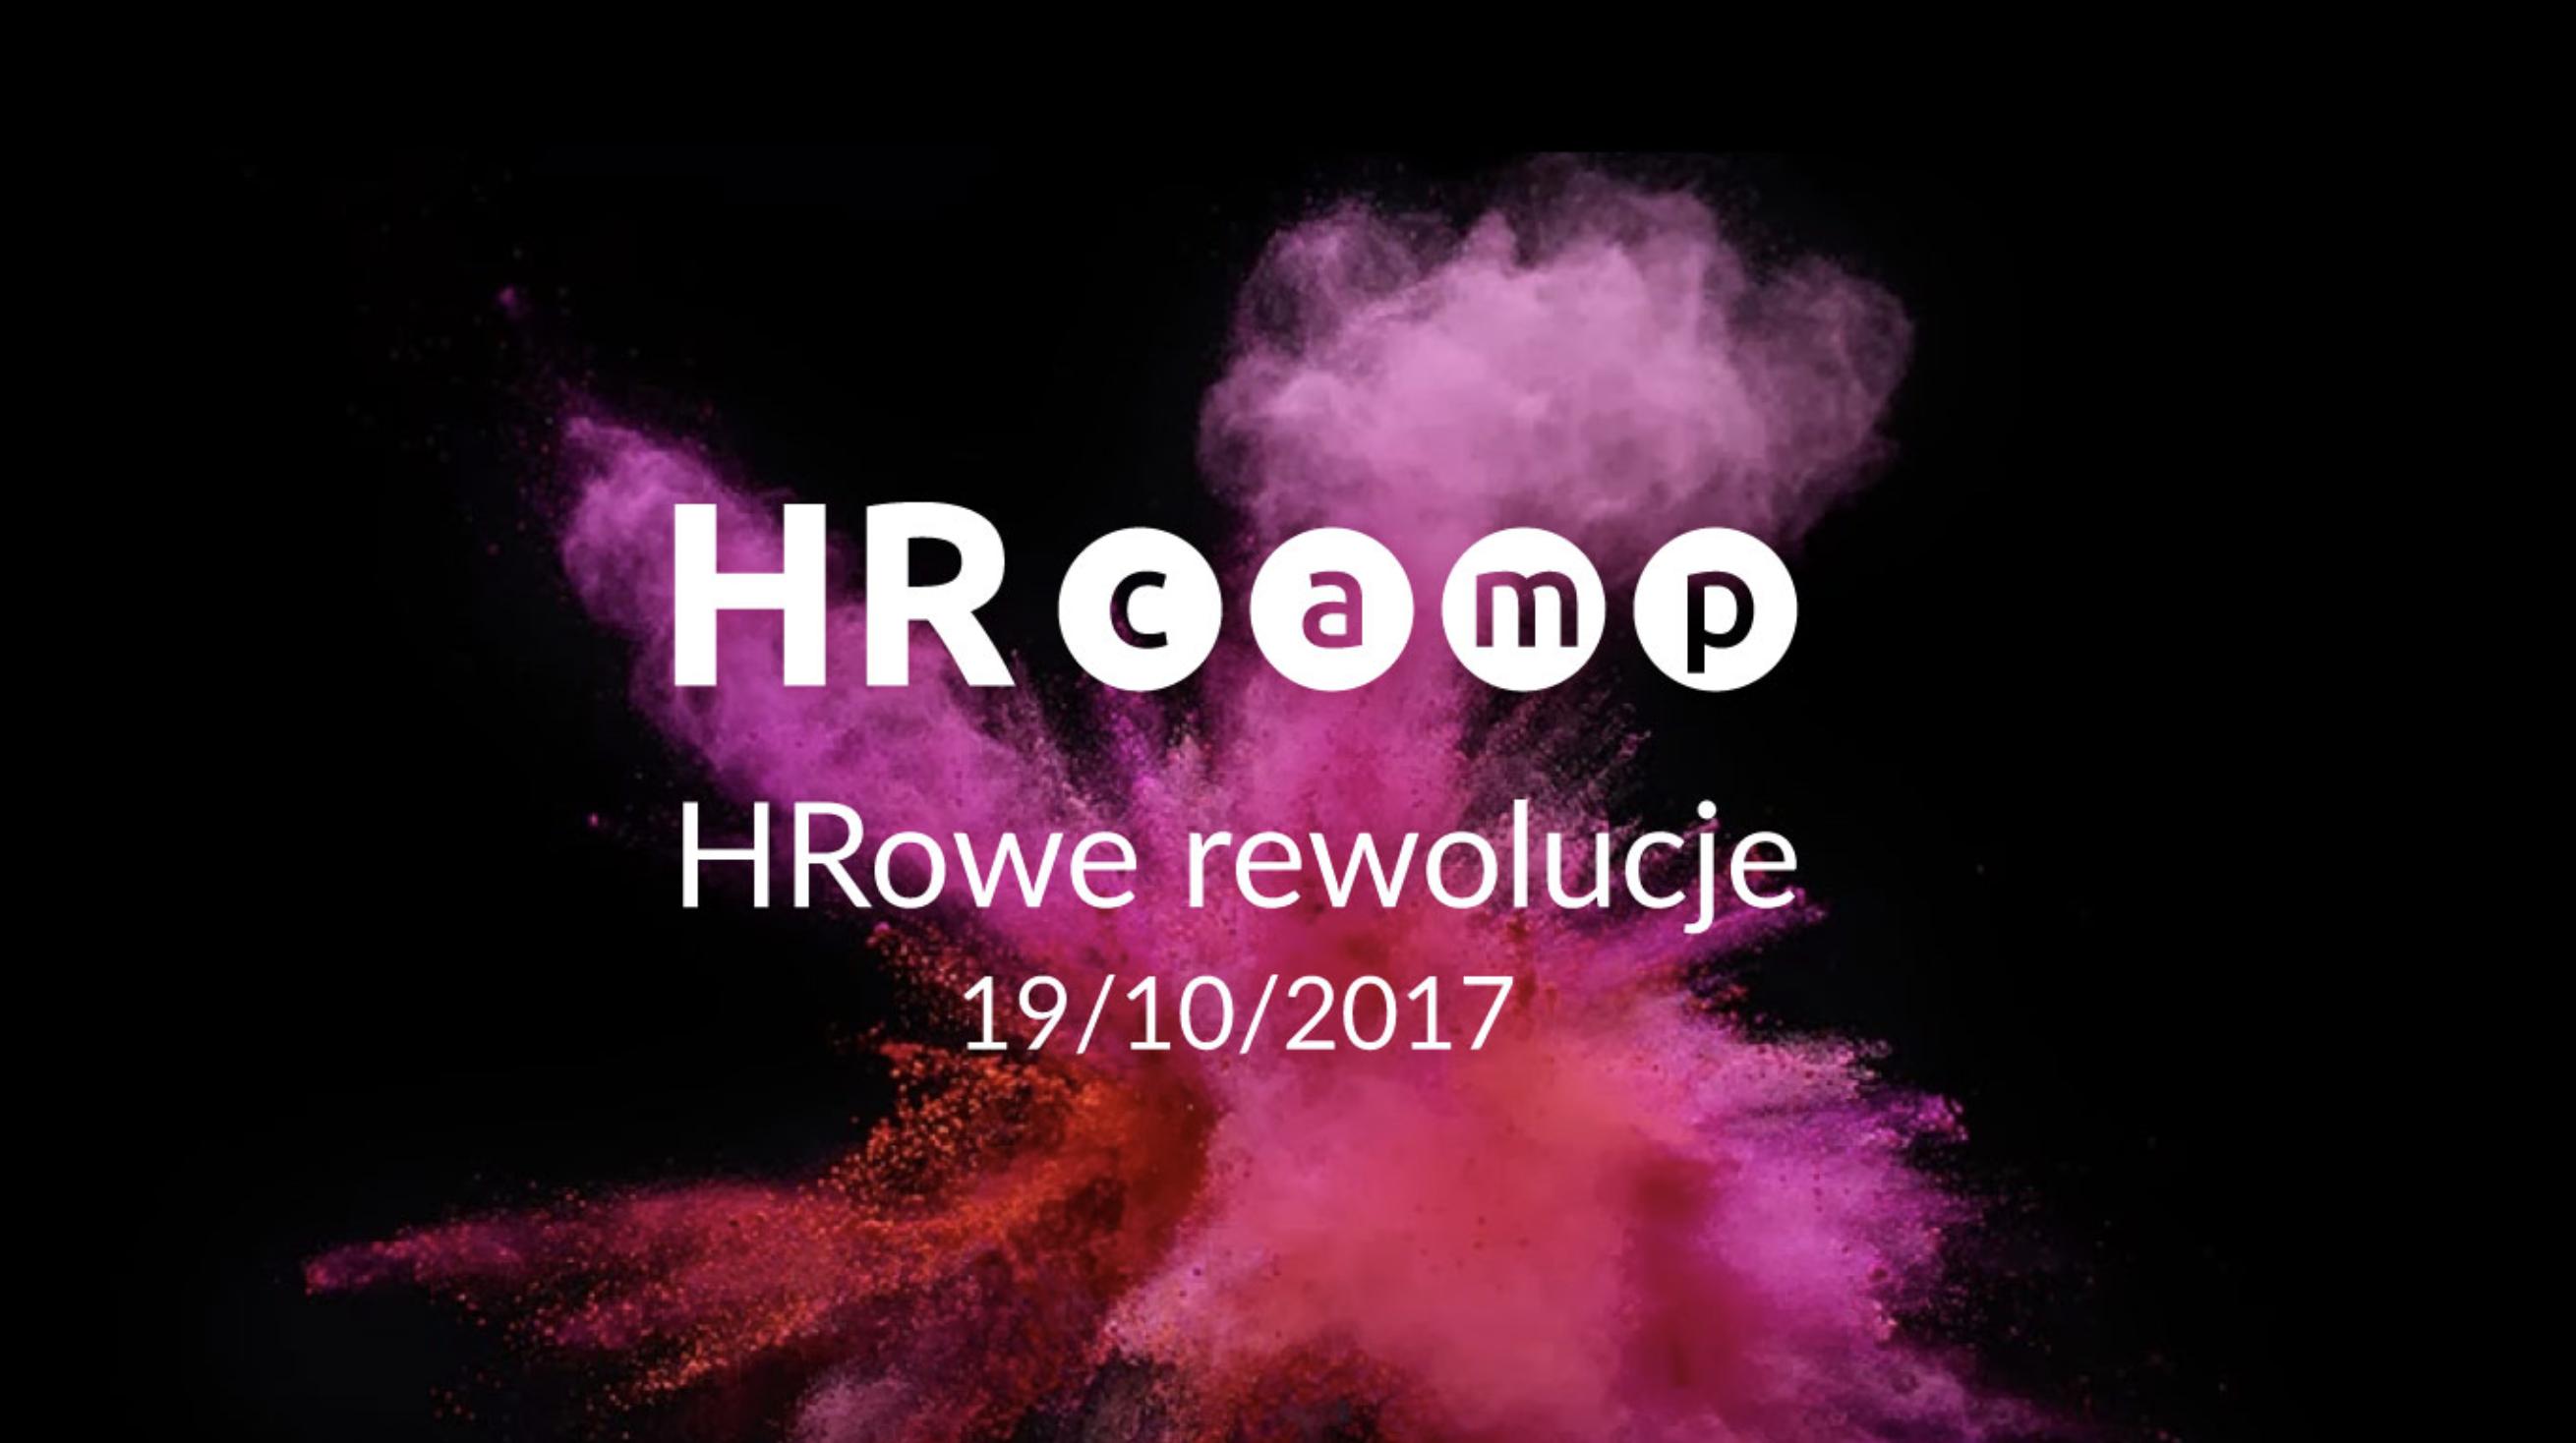 HRcamp AI Norbert Biedrzycki